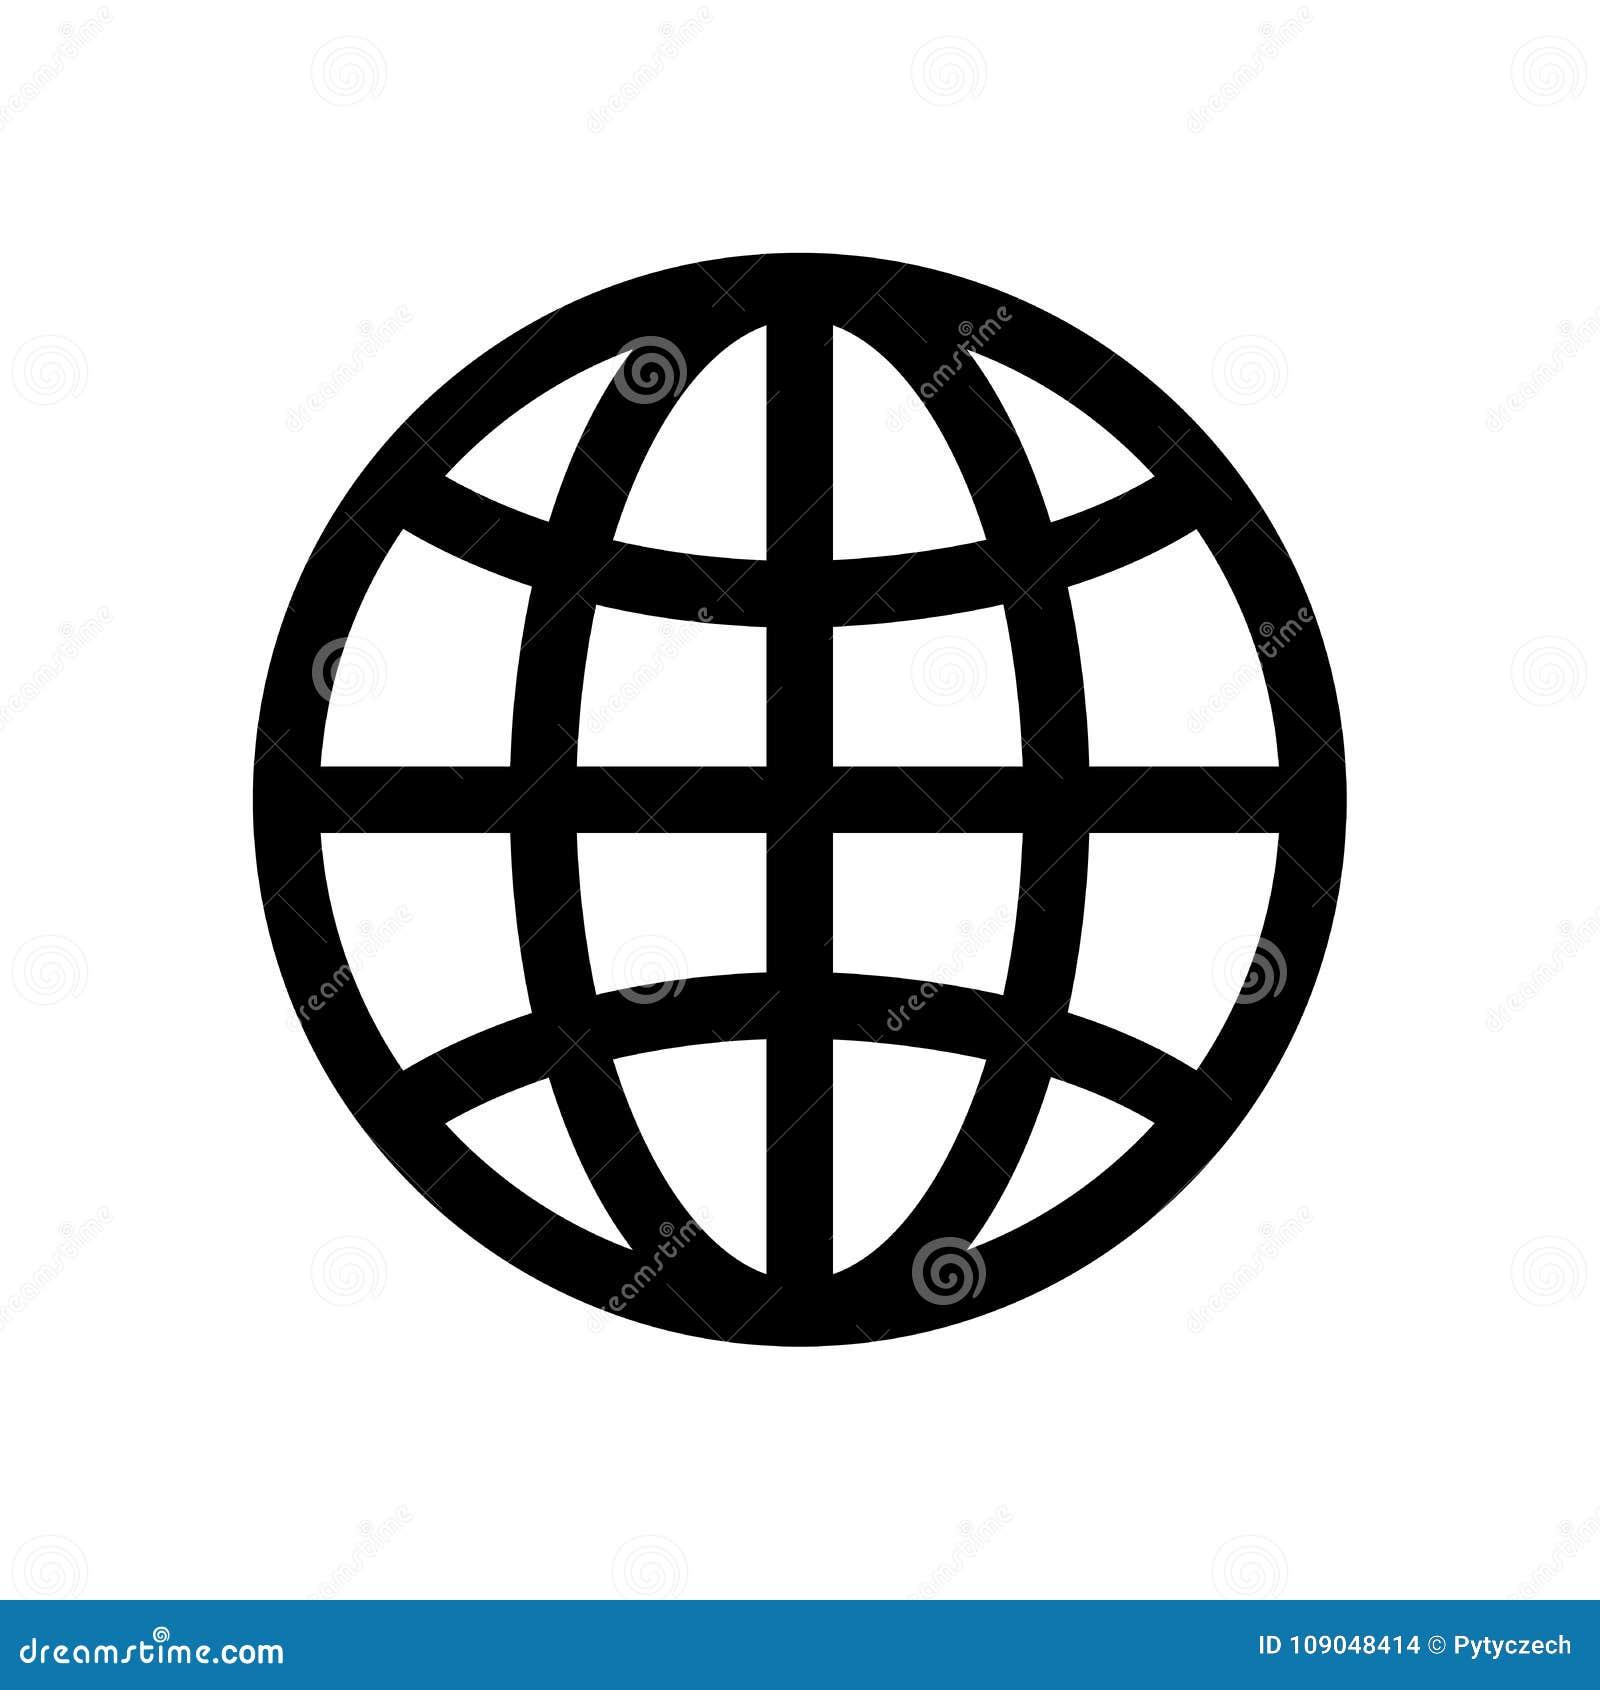 Σύμβολο σφαιρών Πλανήτης Γη ή σημάδι μηχανών αναζήτησης Διαδικτύου Στοιχείο σύγχρονου σχεδίου περιλήψεων Απλό μαύρο επίπεδο διανυ